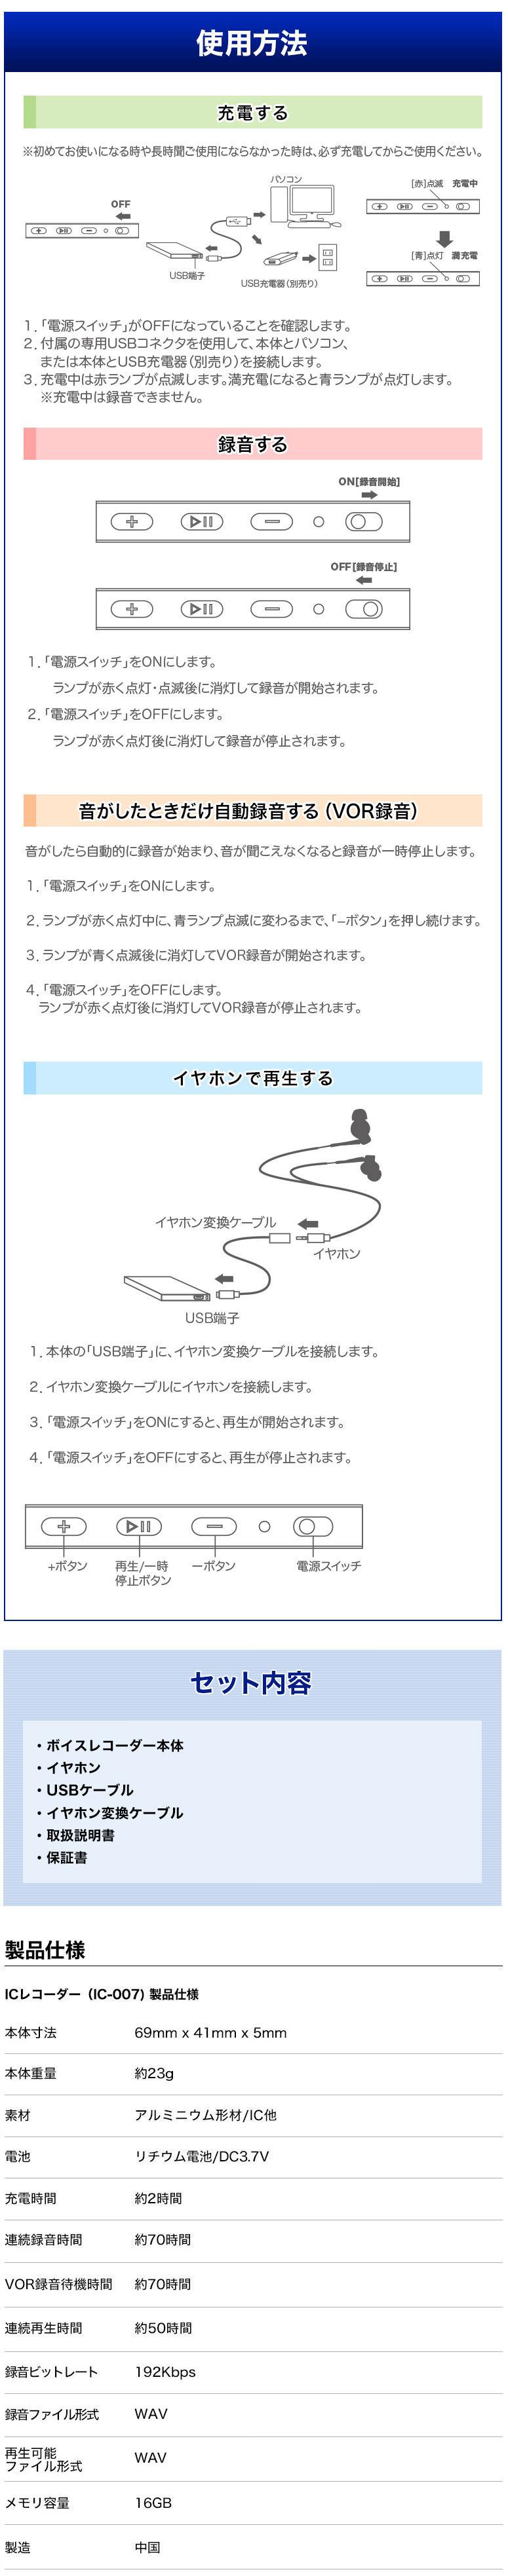 ボイスレコーダー ICレコーダー 録音機 小型 高性能 長時間